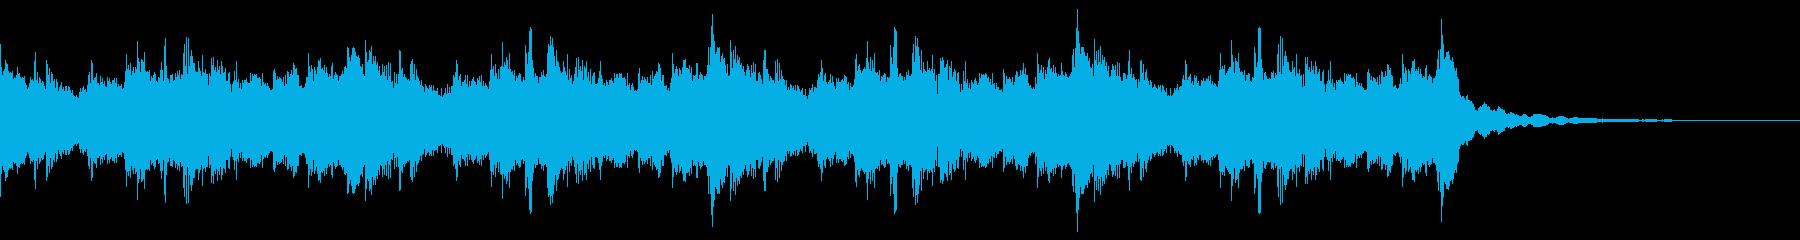 シリアス目の和風BGMの再生済みの波形